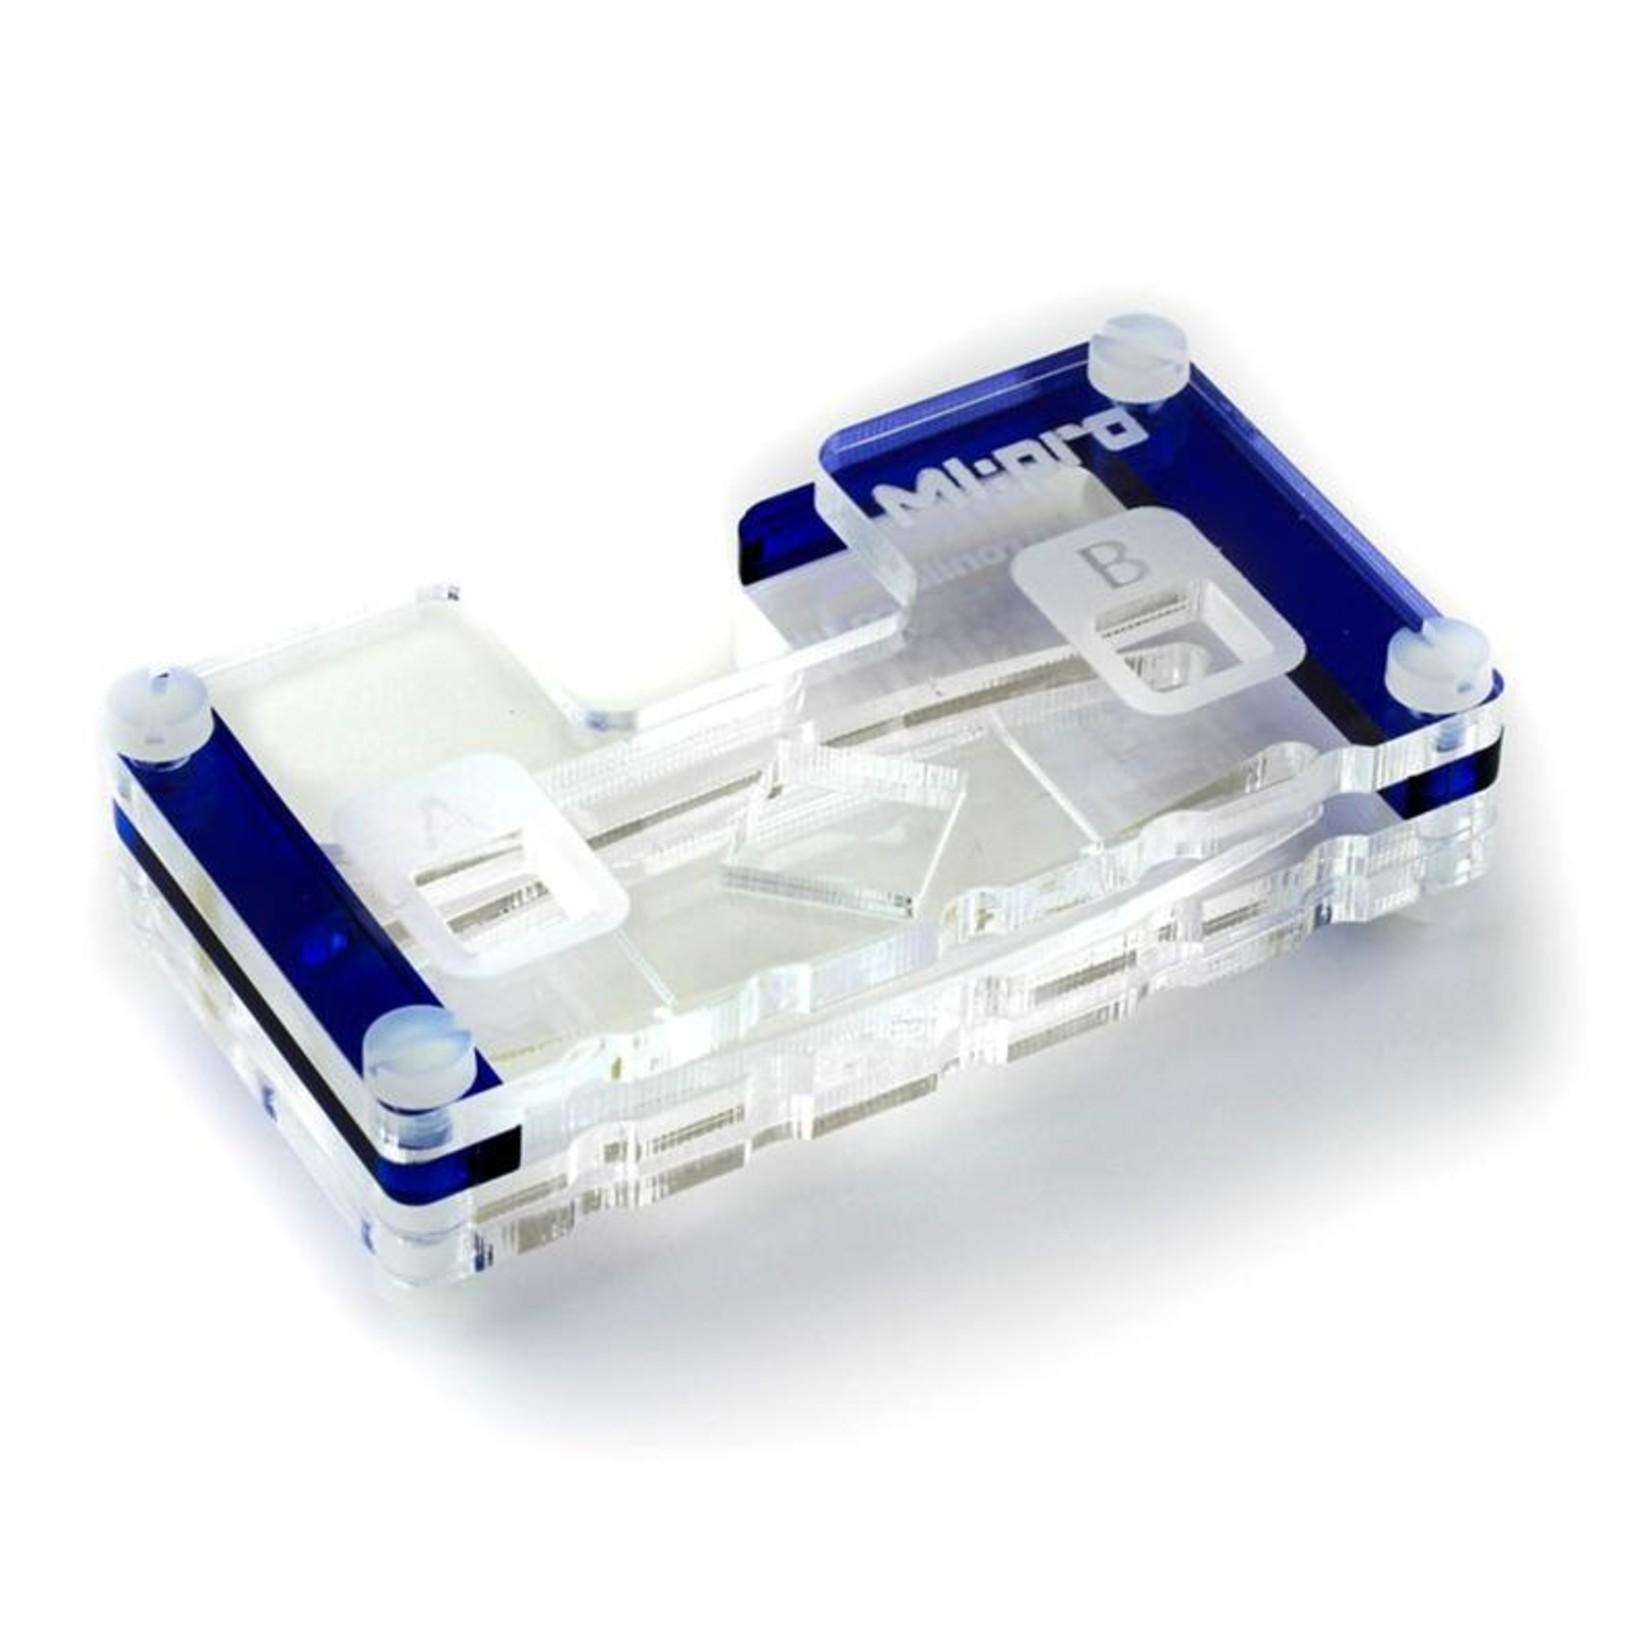 Kitronik MI:pro Protector Case for the BBC micro:bit V1 & V2 - Blue